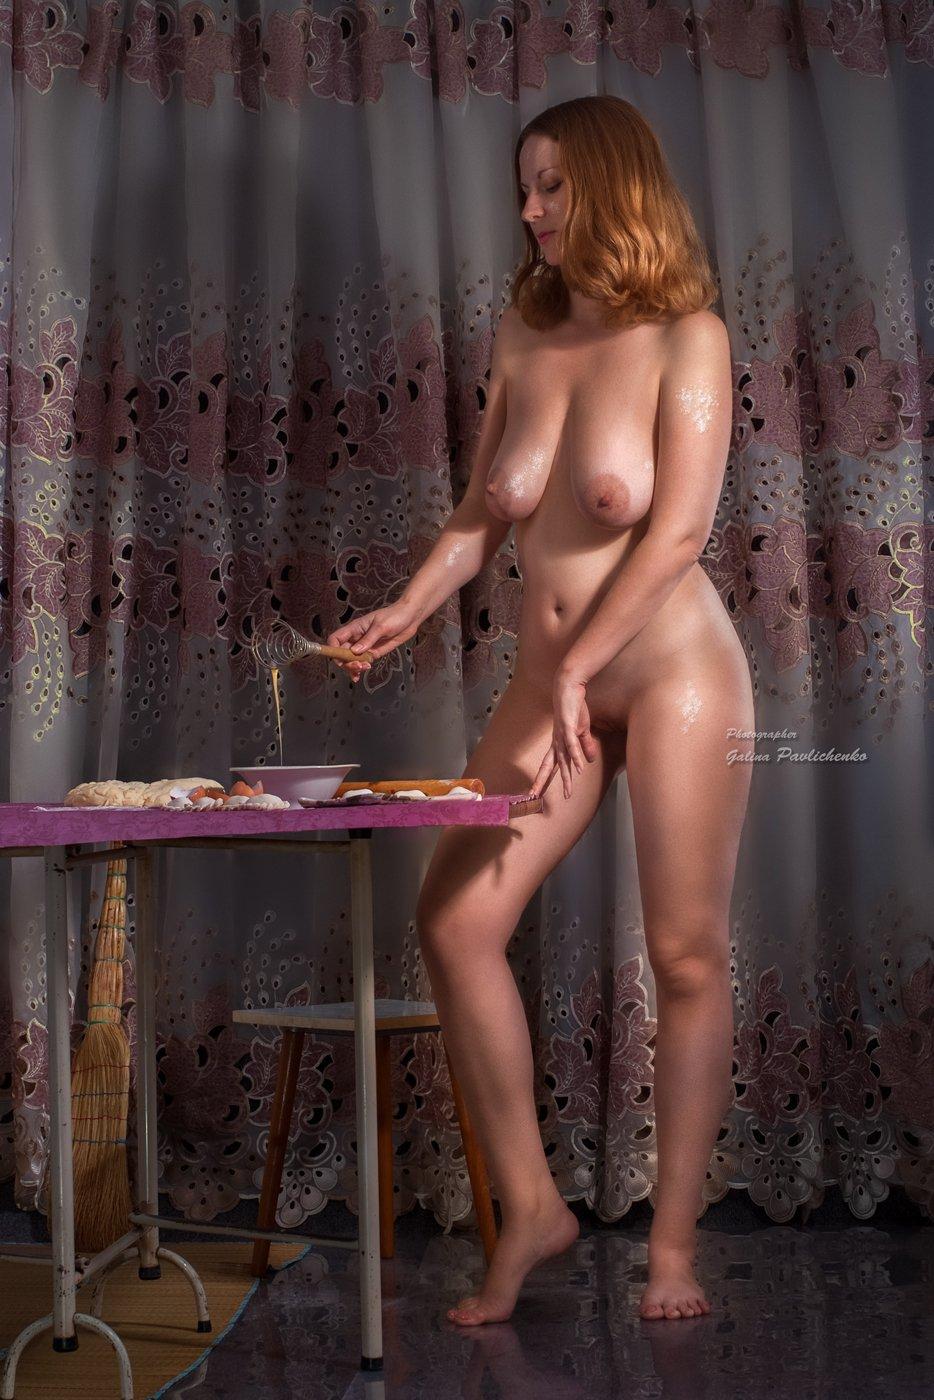 женщина , девушка , вареники , еда , мука , обнажённое тело , ню , эротика, тесто ,, Галя